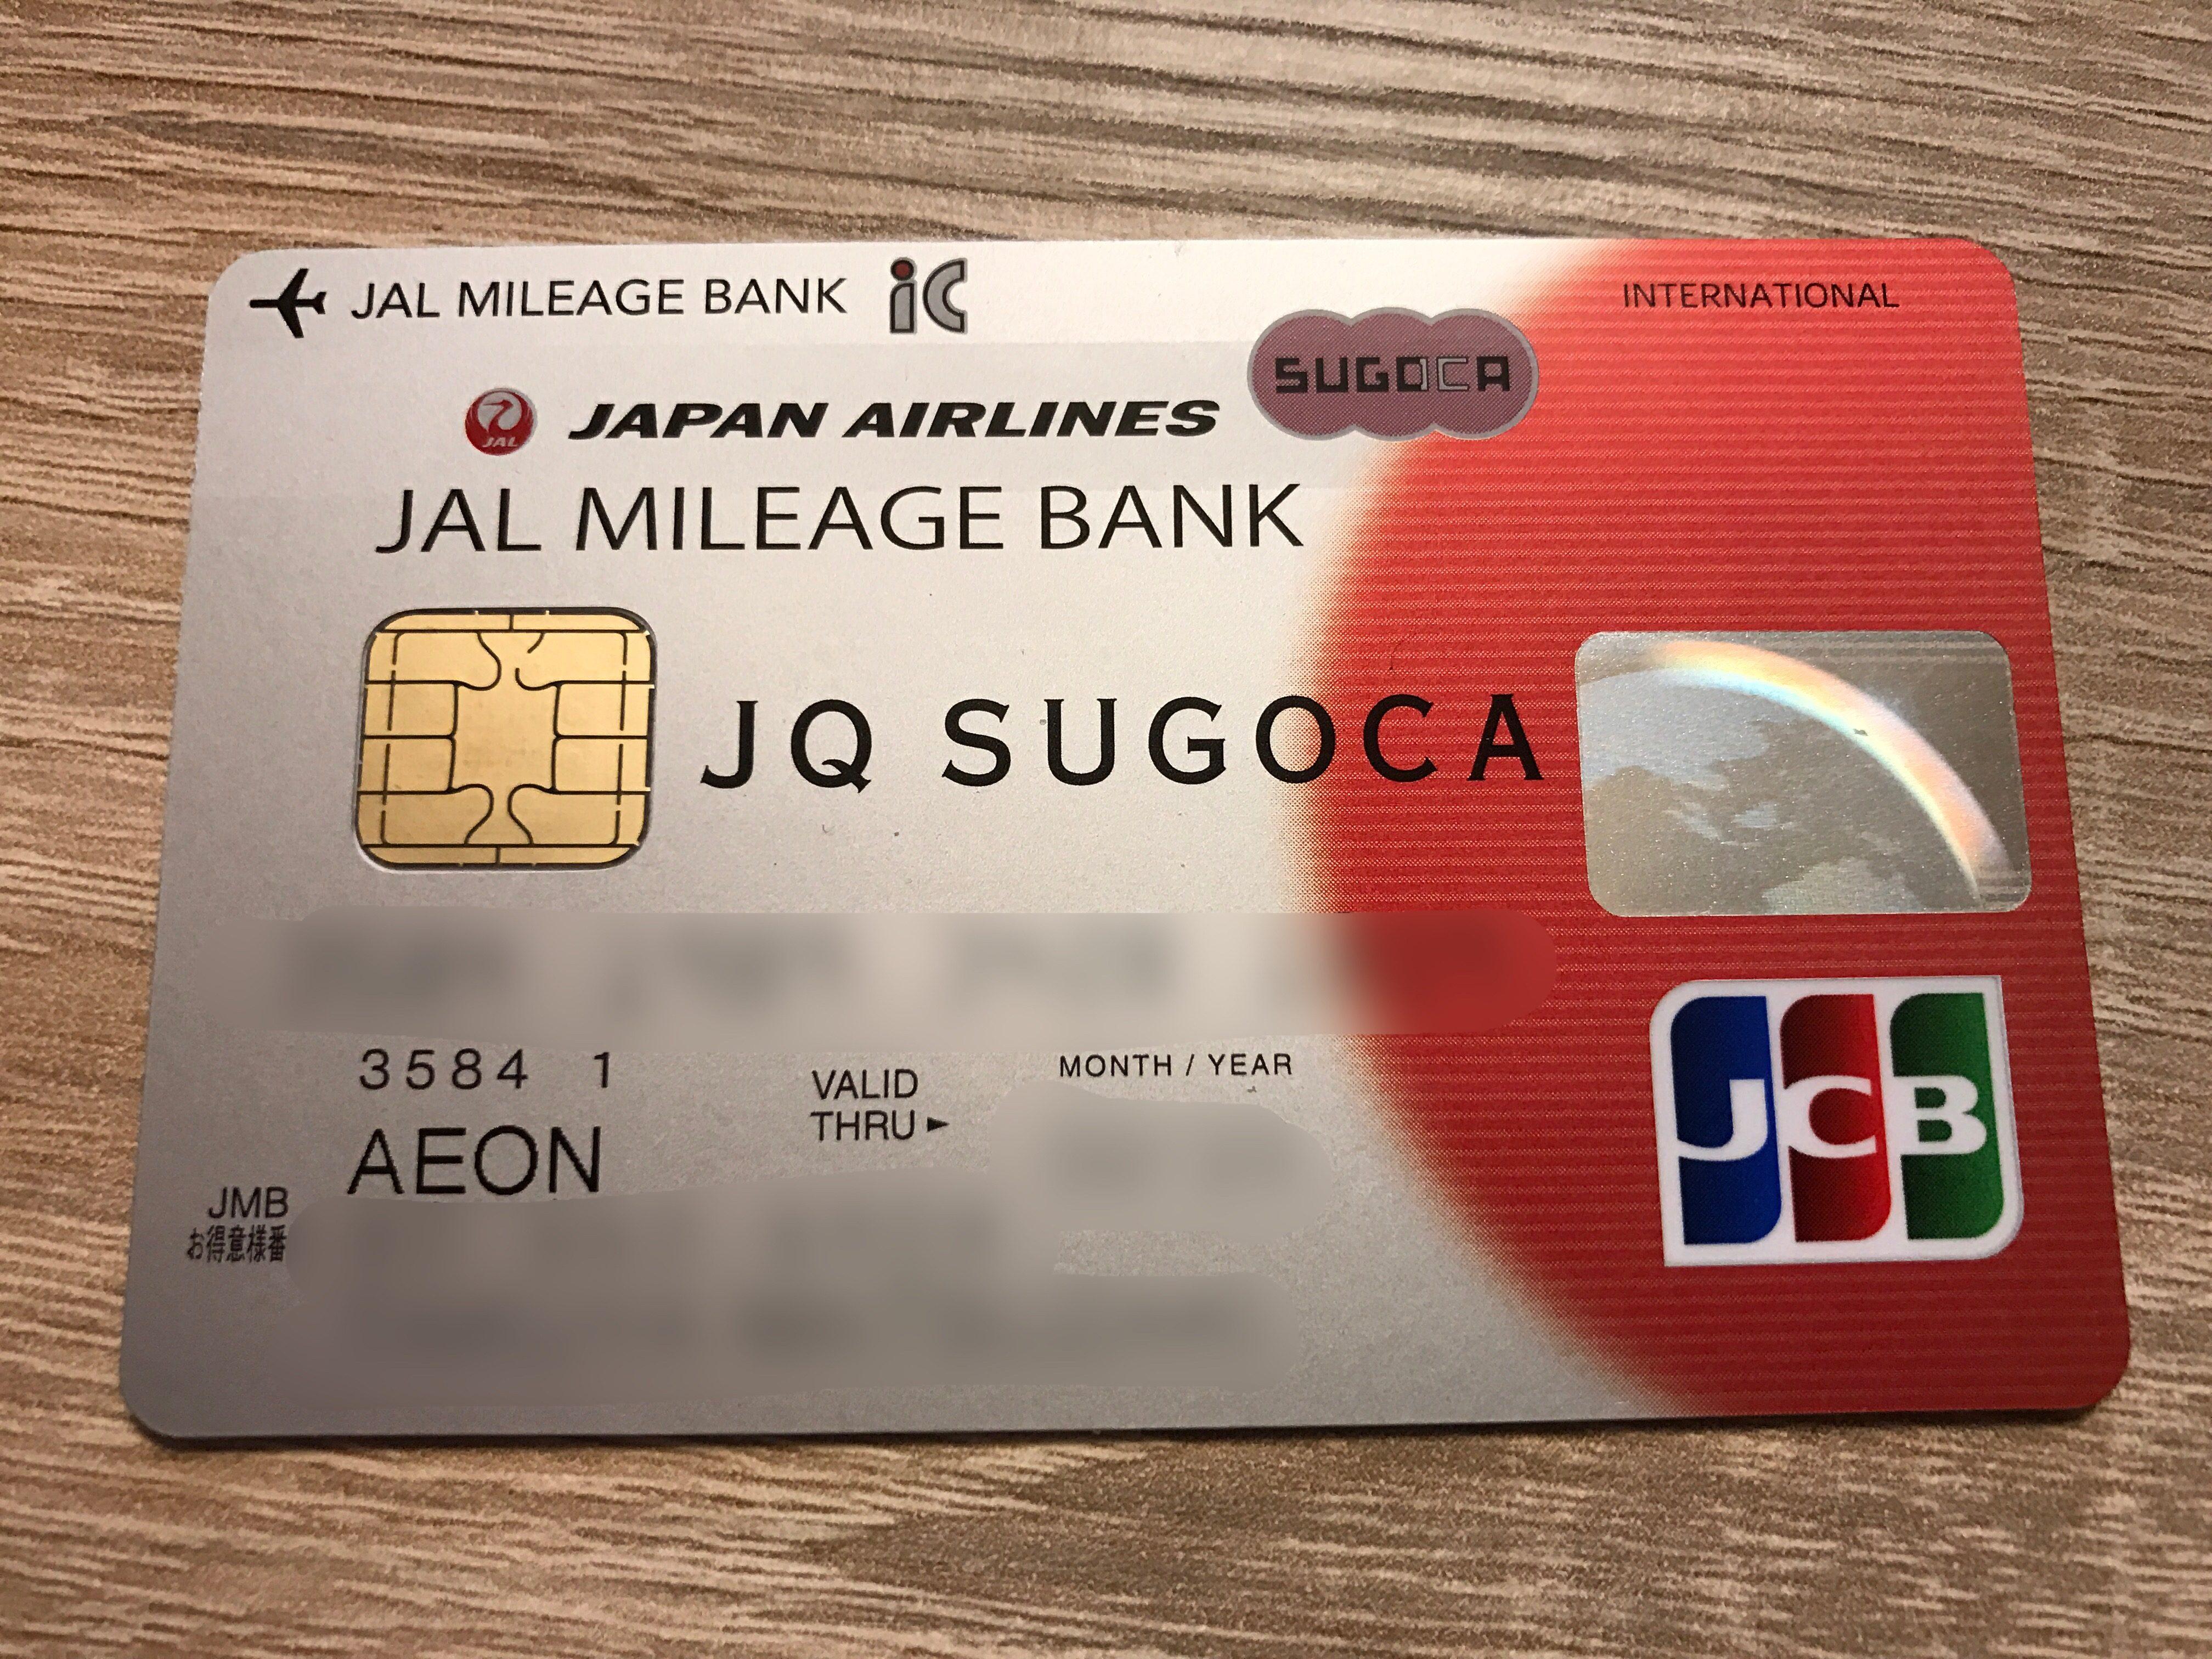 JMB JQ SUGOCAの申し込みから到着まで。Apple Payにも登録可能!